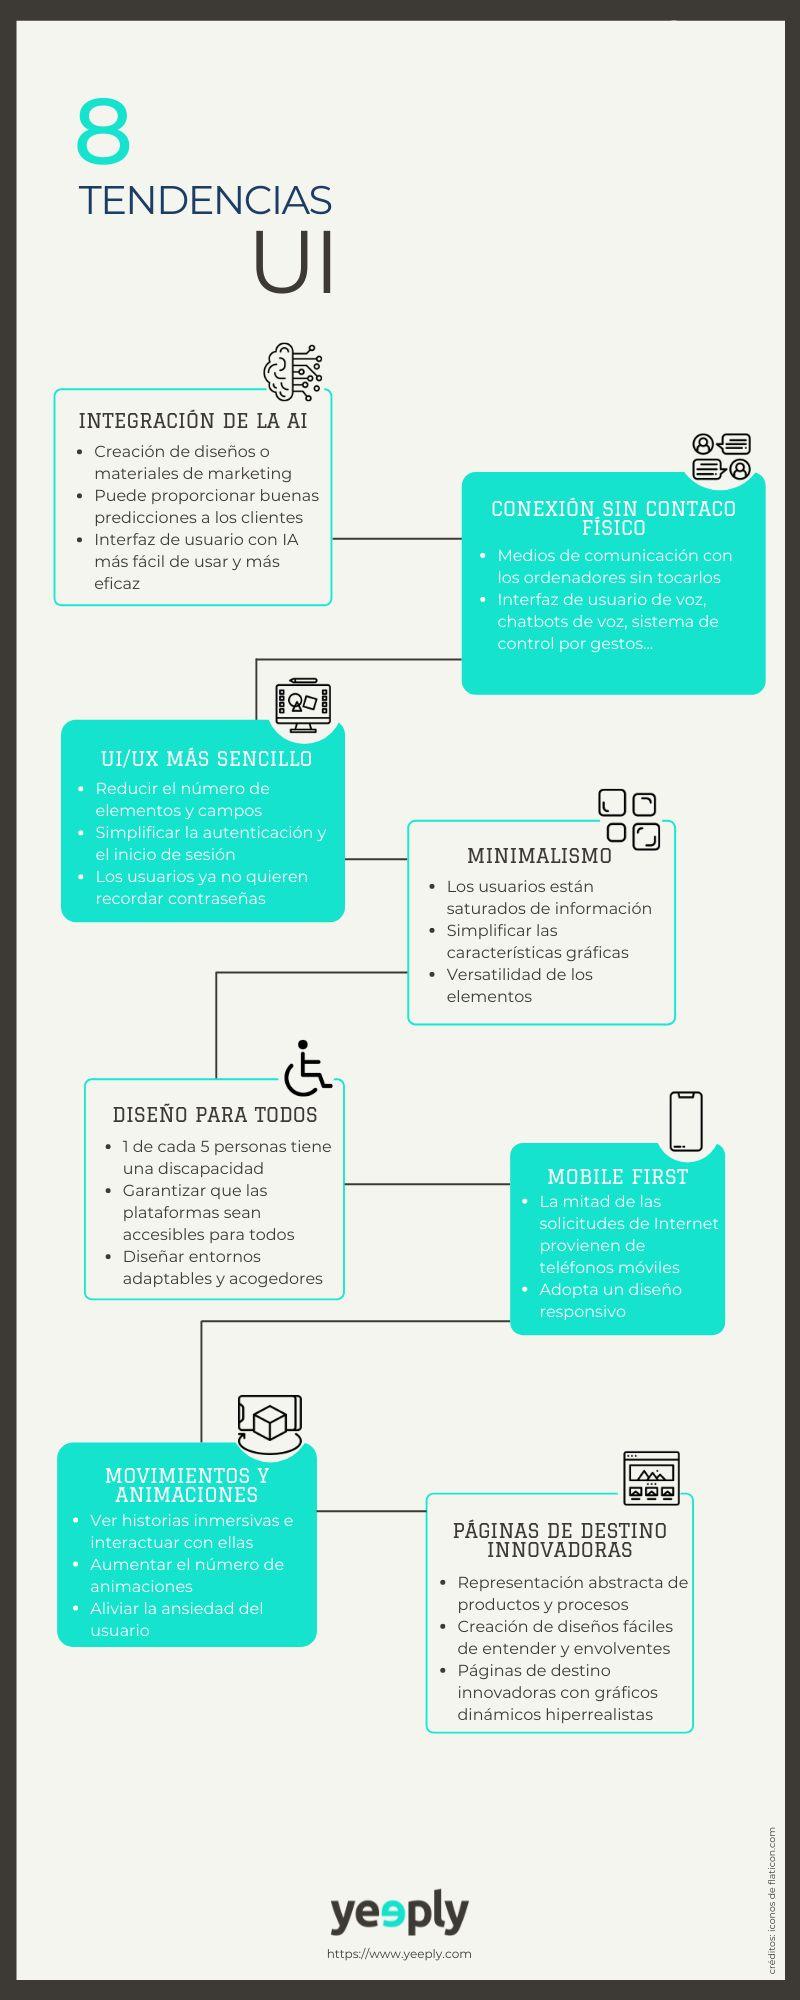 8 tendencias en User Interface (UI)